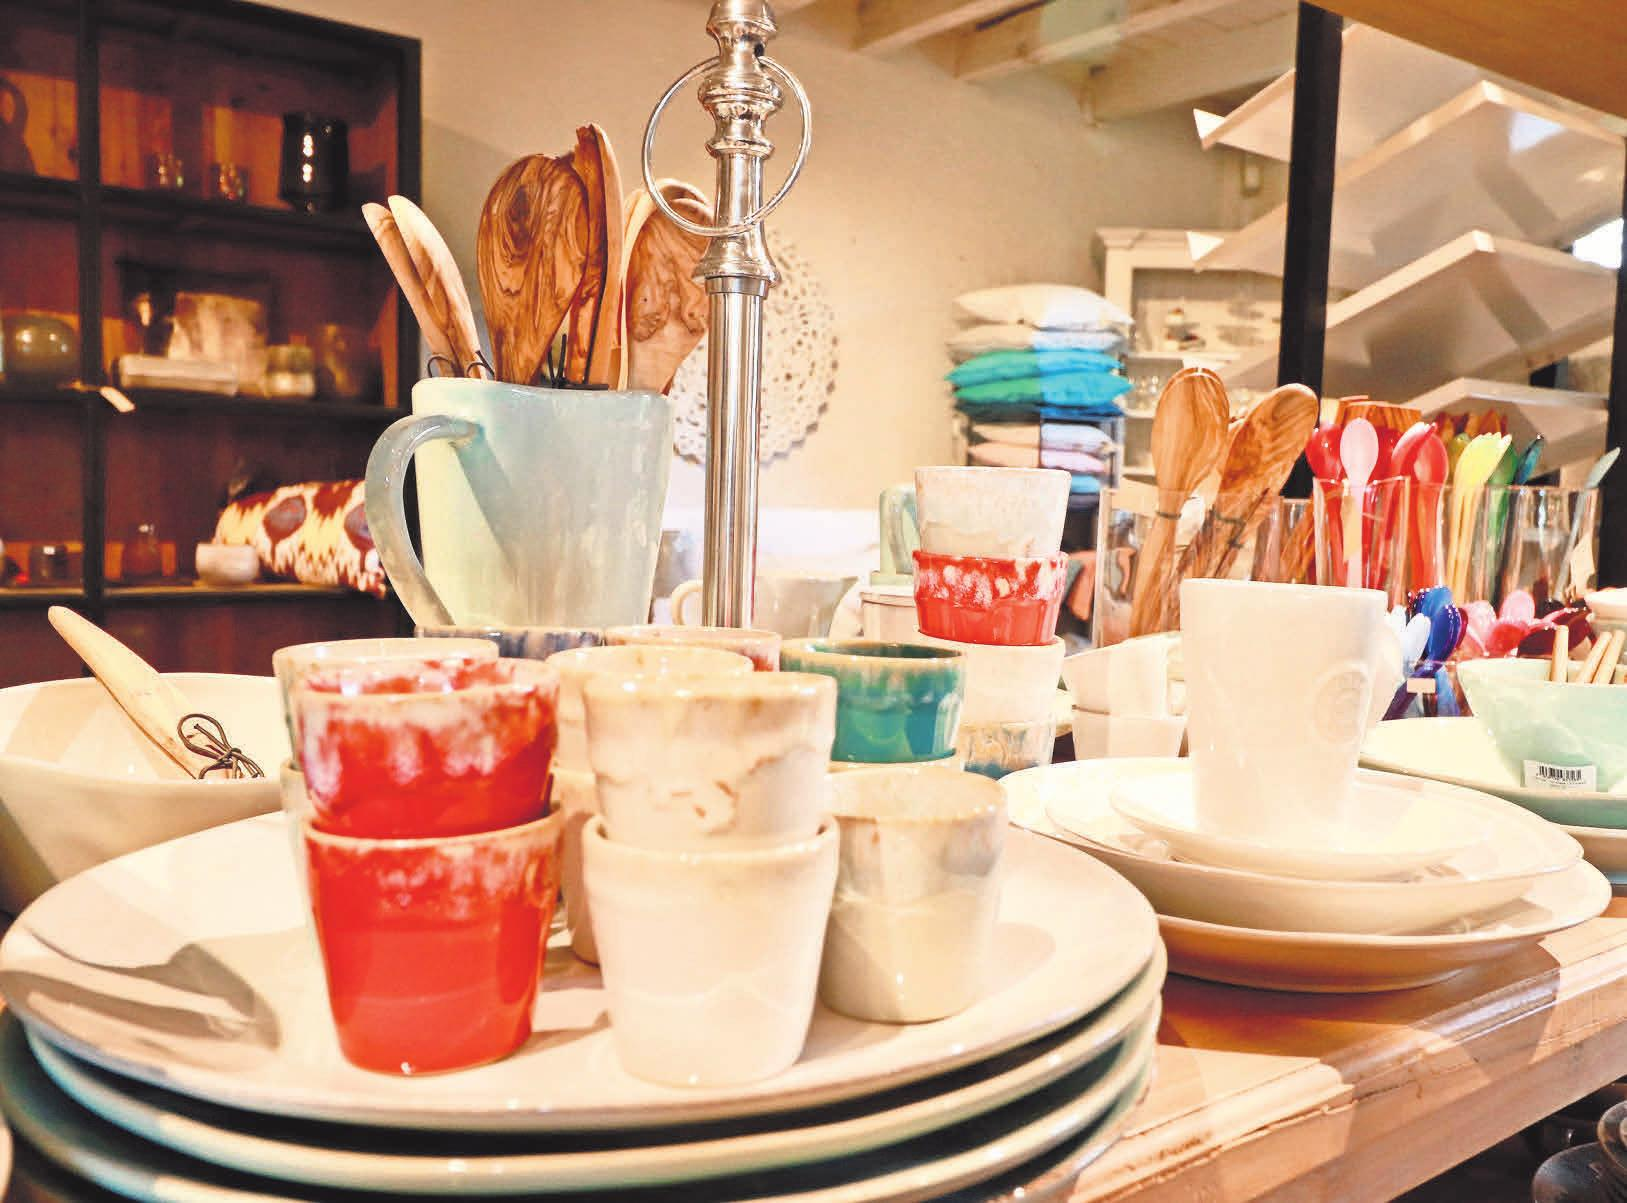 Mit einem schön gedeckten Tisch geht der Tag gut los und klingt gemütlich aus. Die passenden Accessoires von der Vase über das Geschirr bis hin zu feinem Leinen gibt es bei Home & Garden.